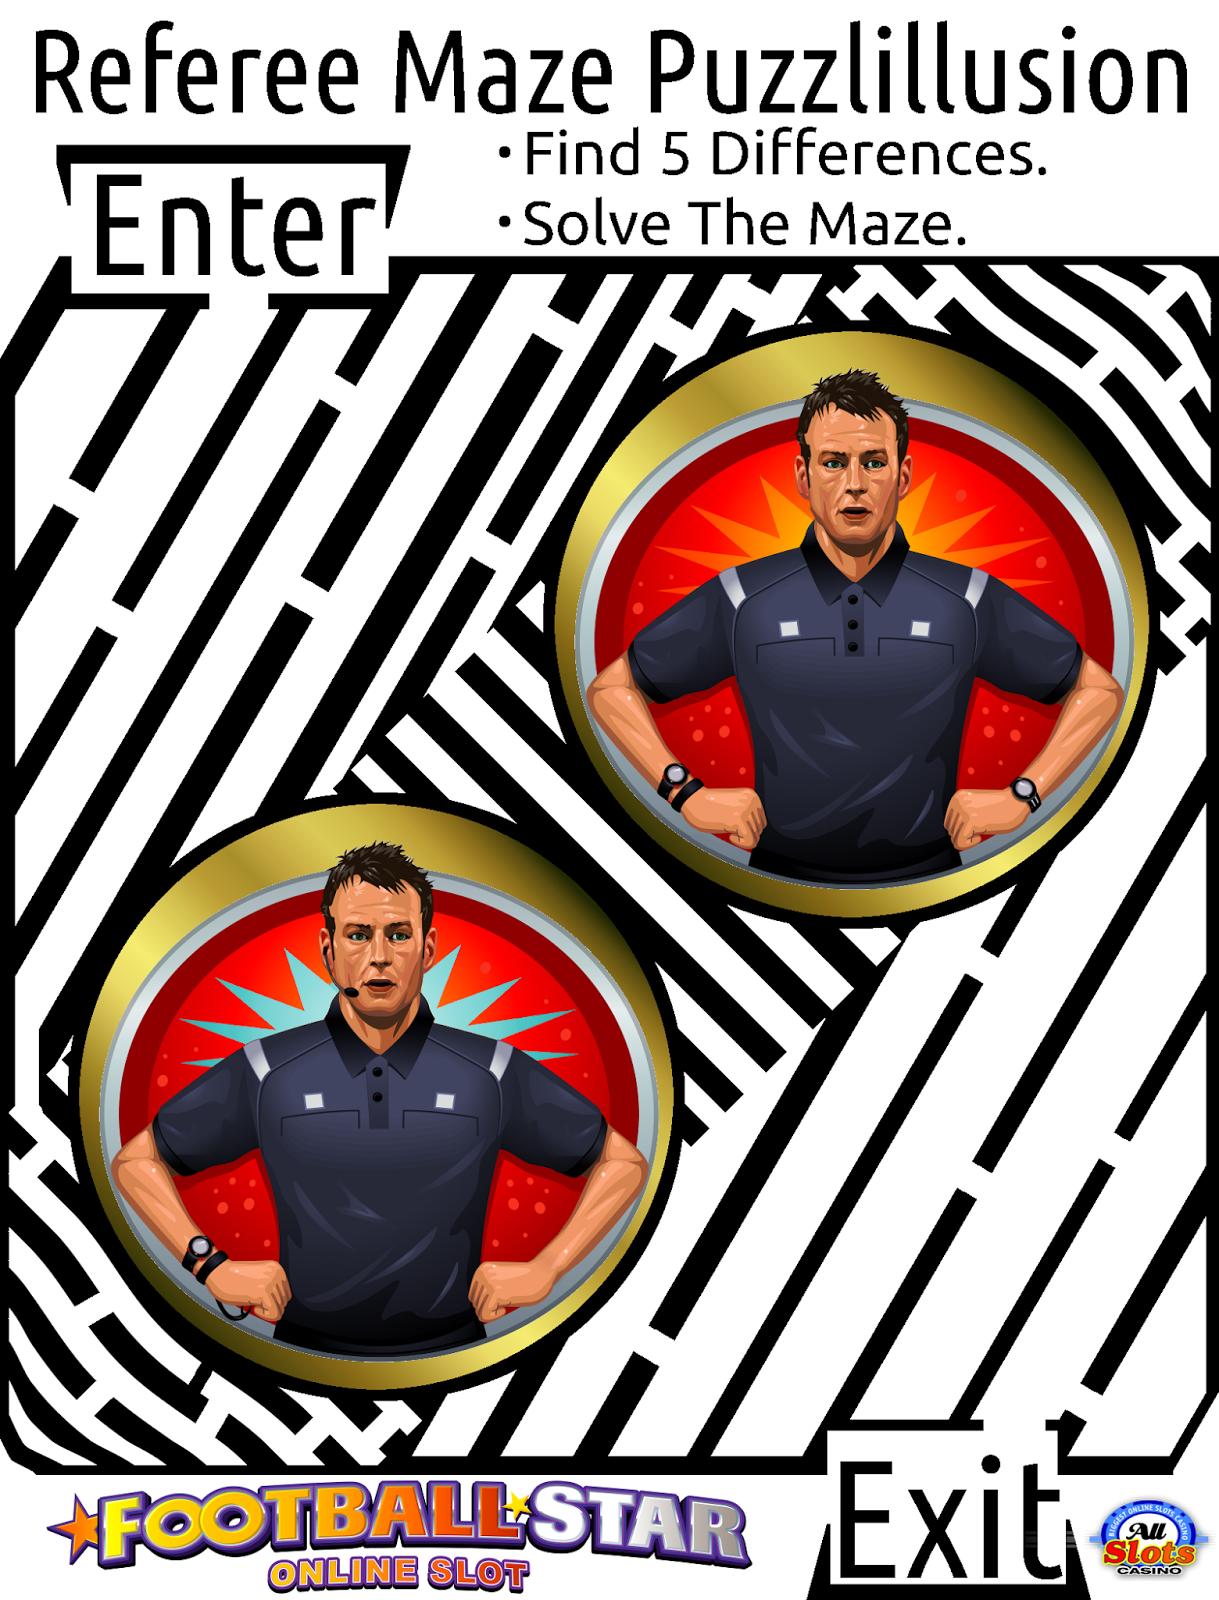 maze puzzlillusion of a referee